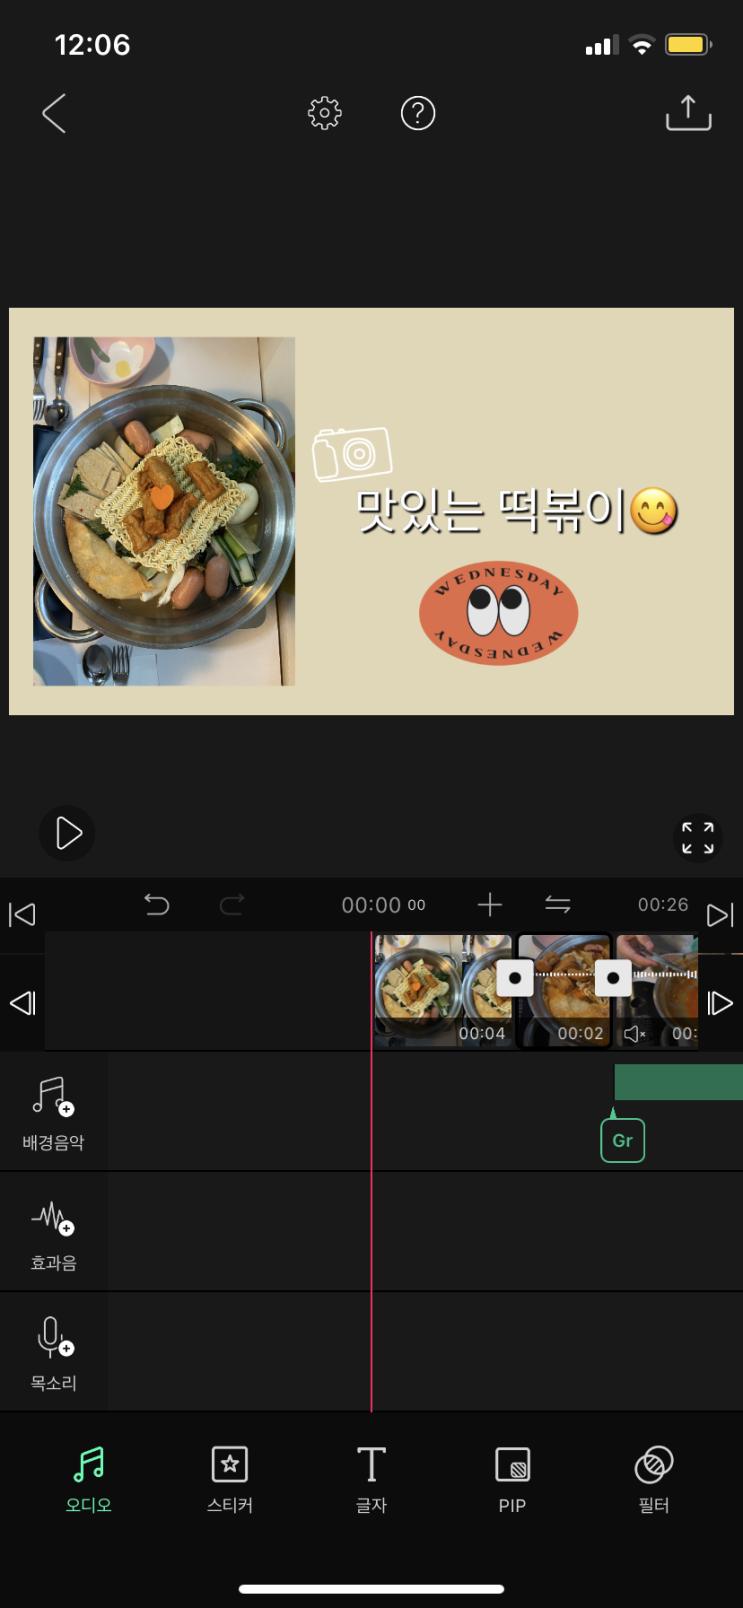 [영상편집 어플 vllo] 쉽고 간단하게 유튜브 썸네일 만들기(+영상포함)